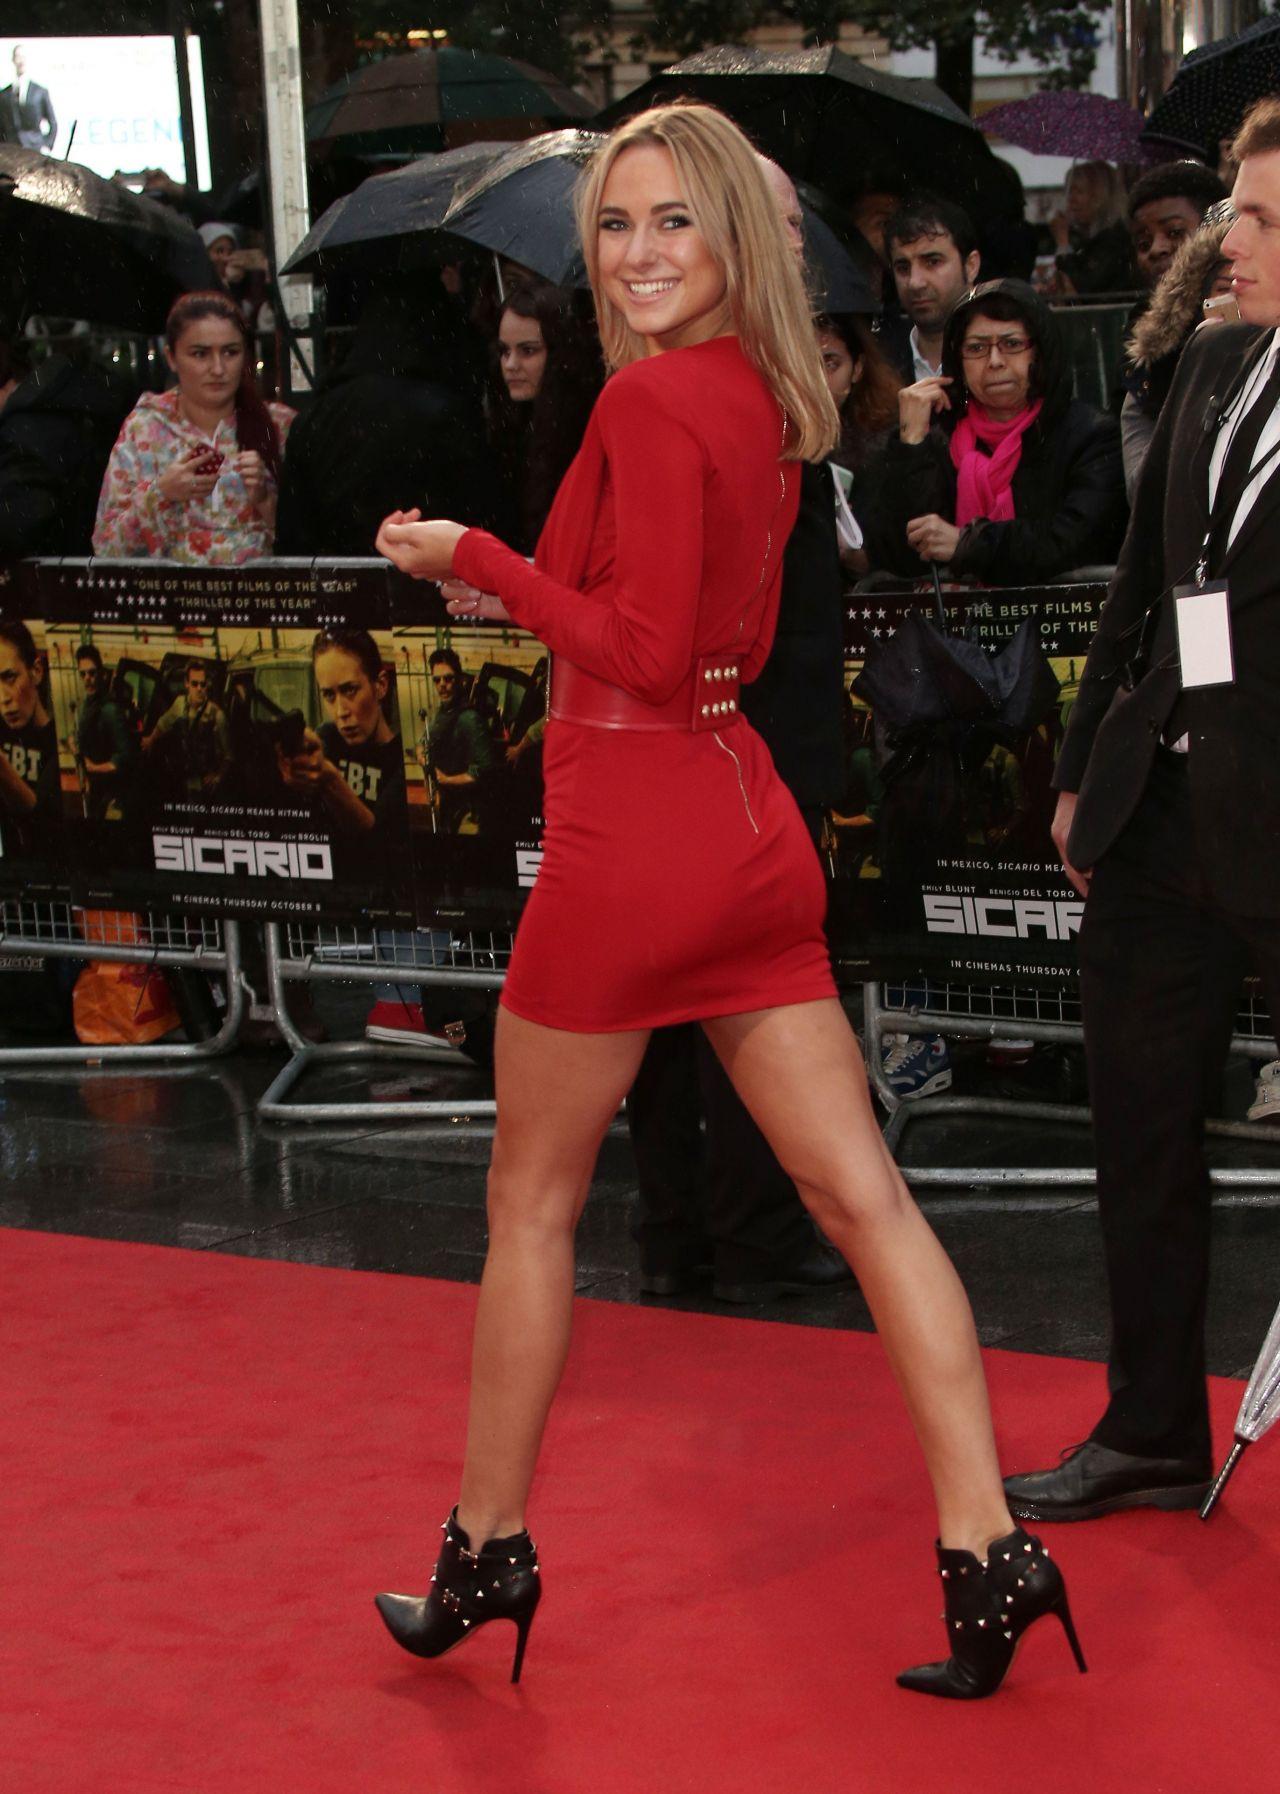 Kimberley Garner On Red Carpet Sicario Premiere In London